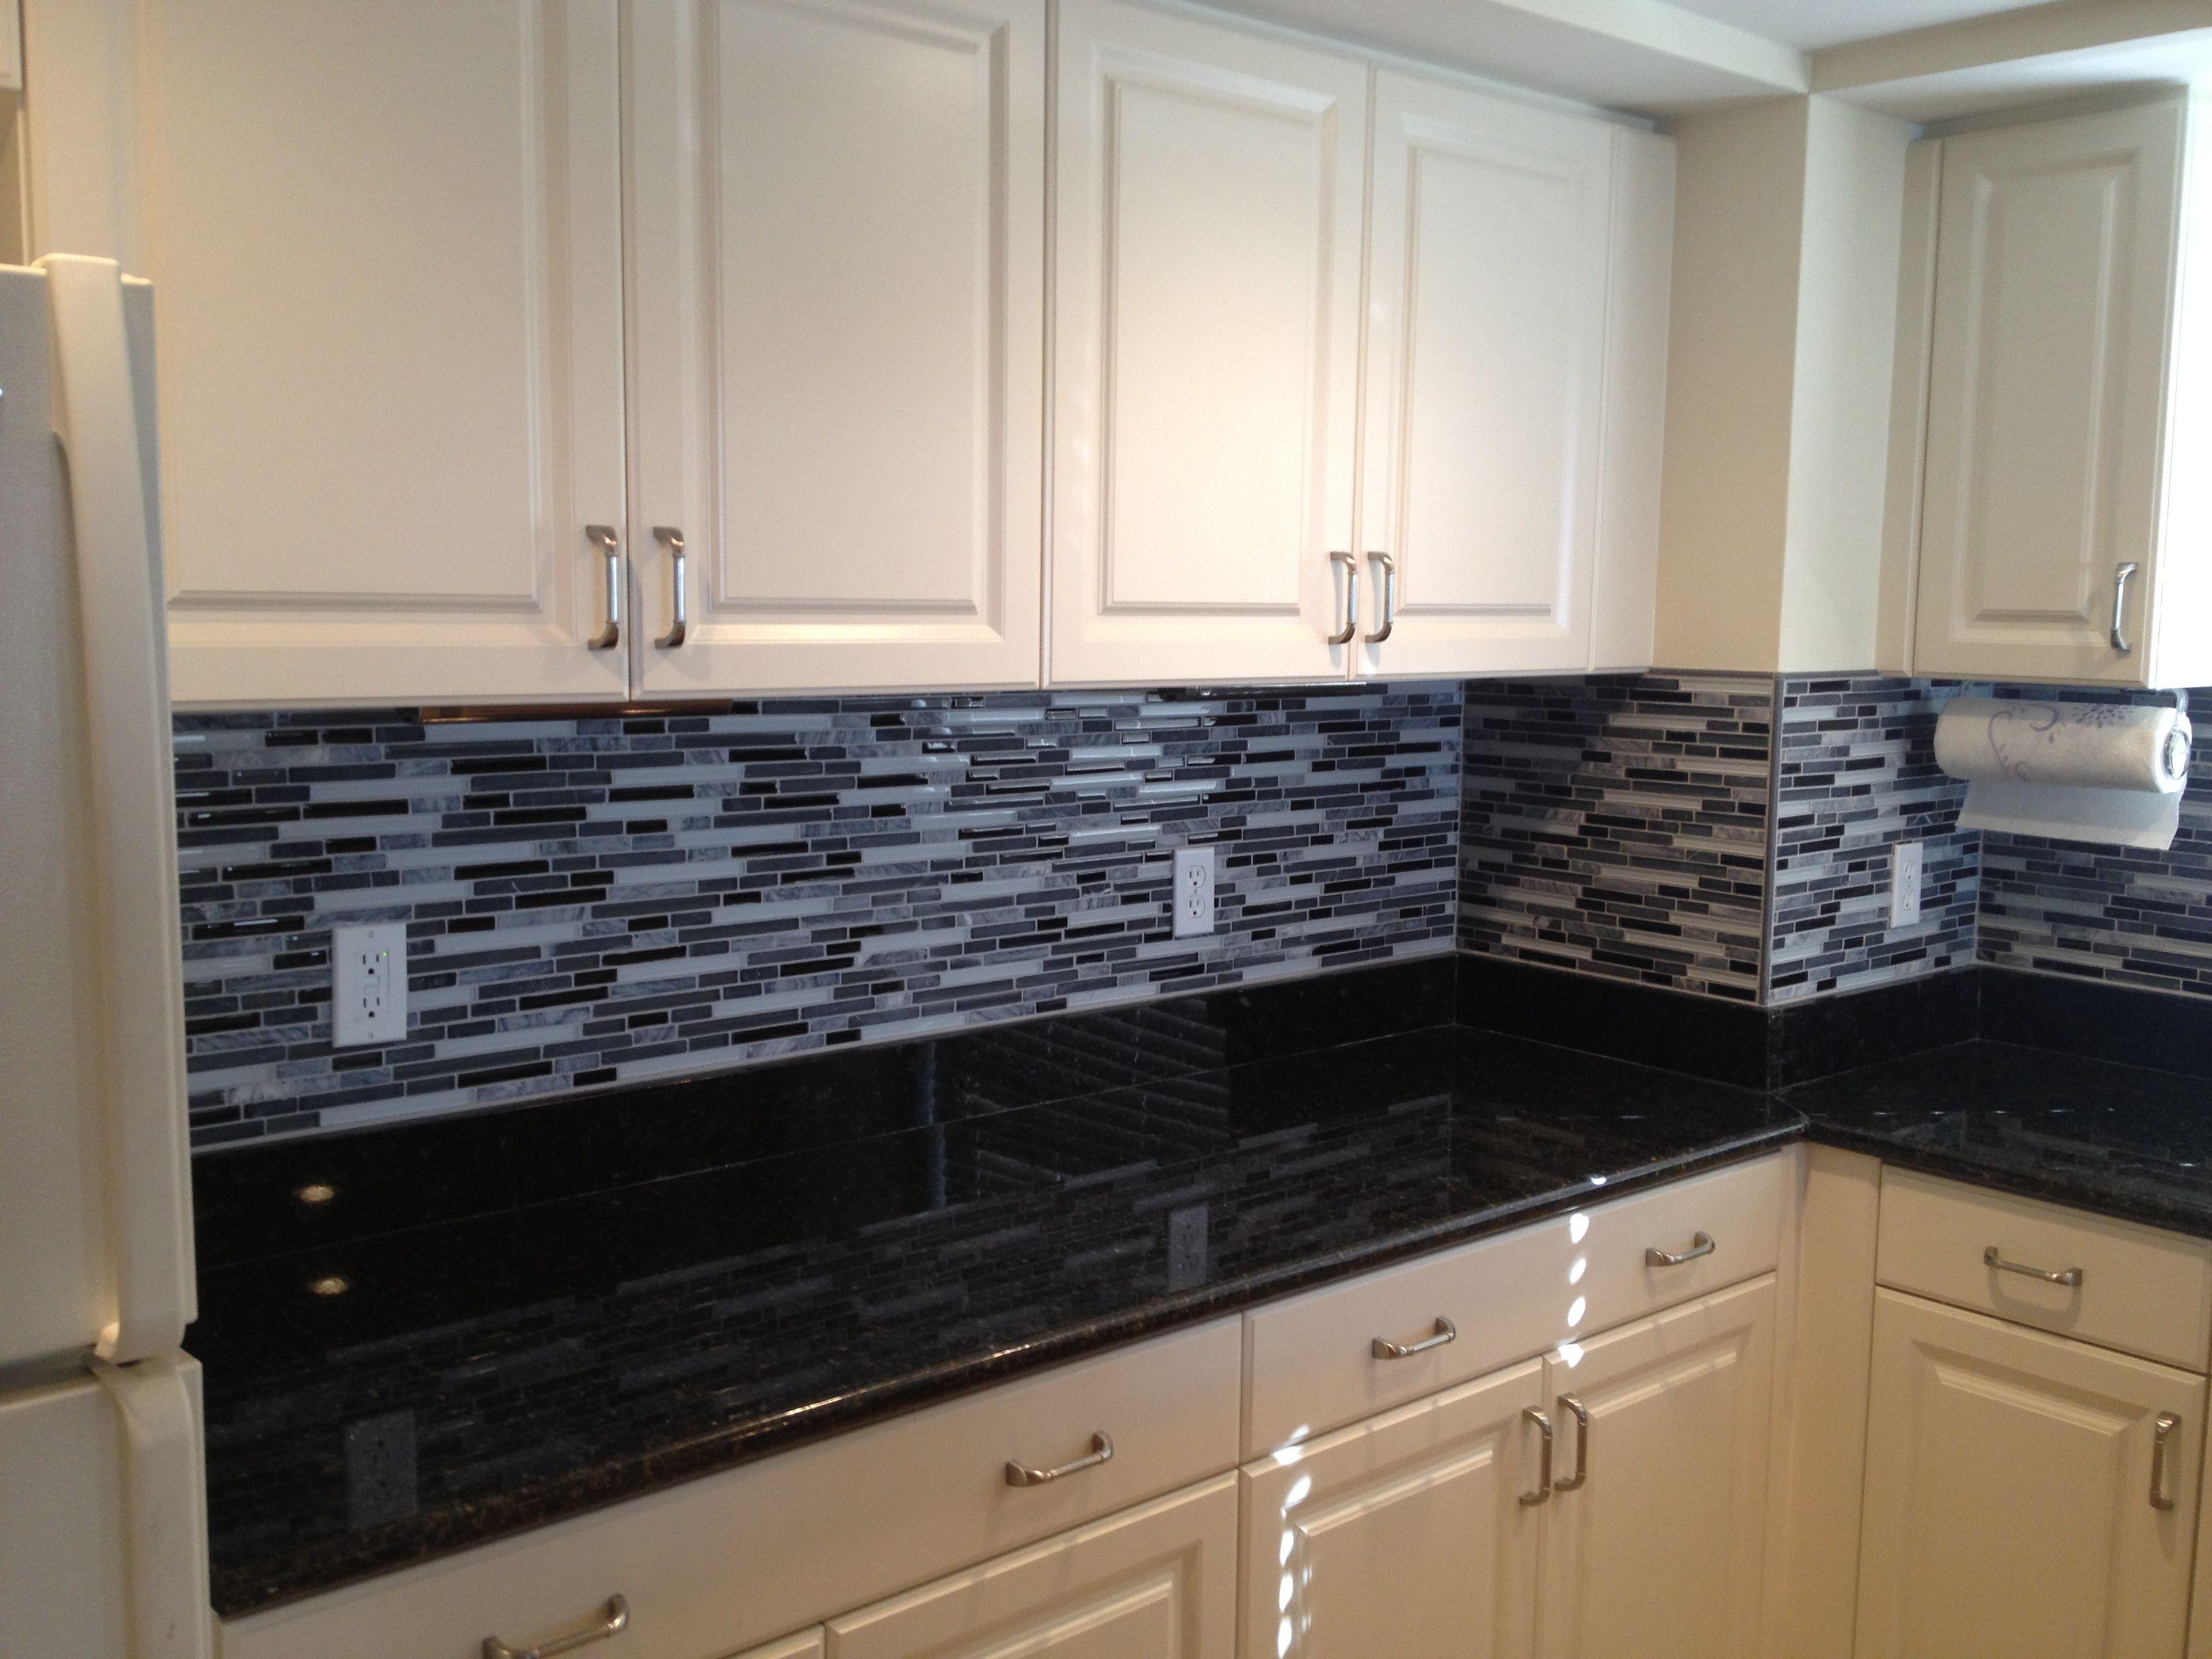 Black And White Kitchen Backsplash Ideas - Kitchen